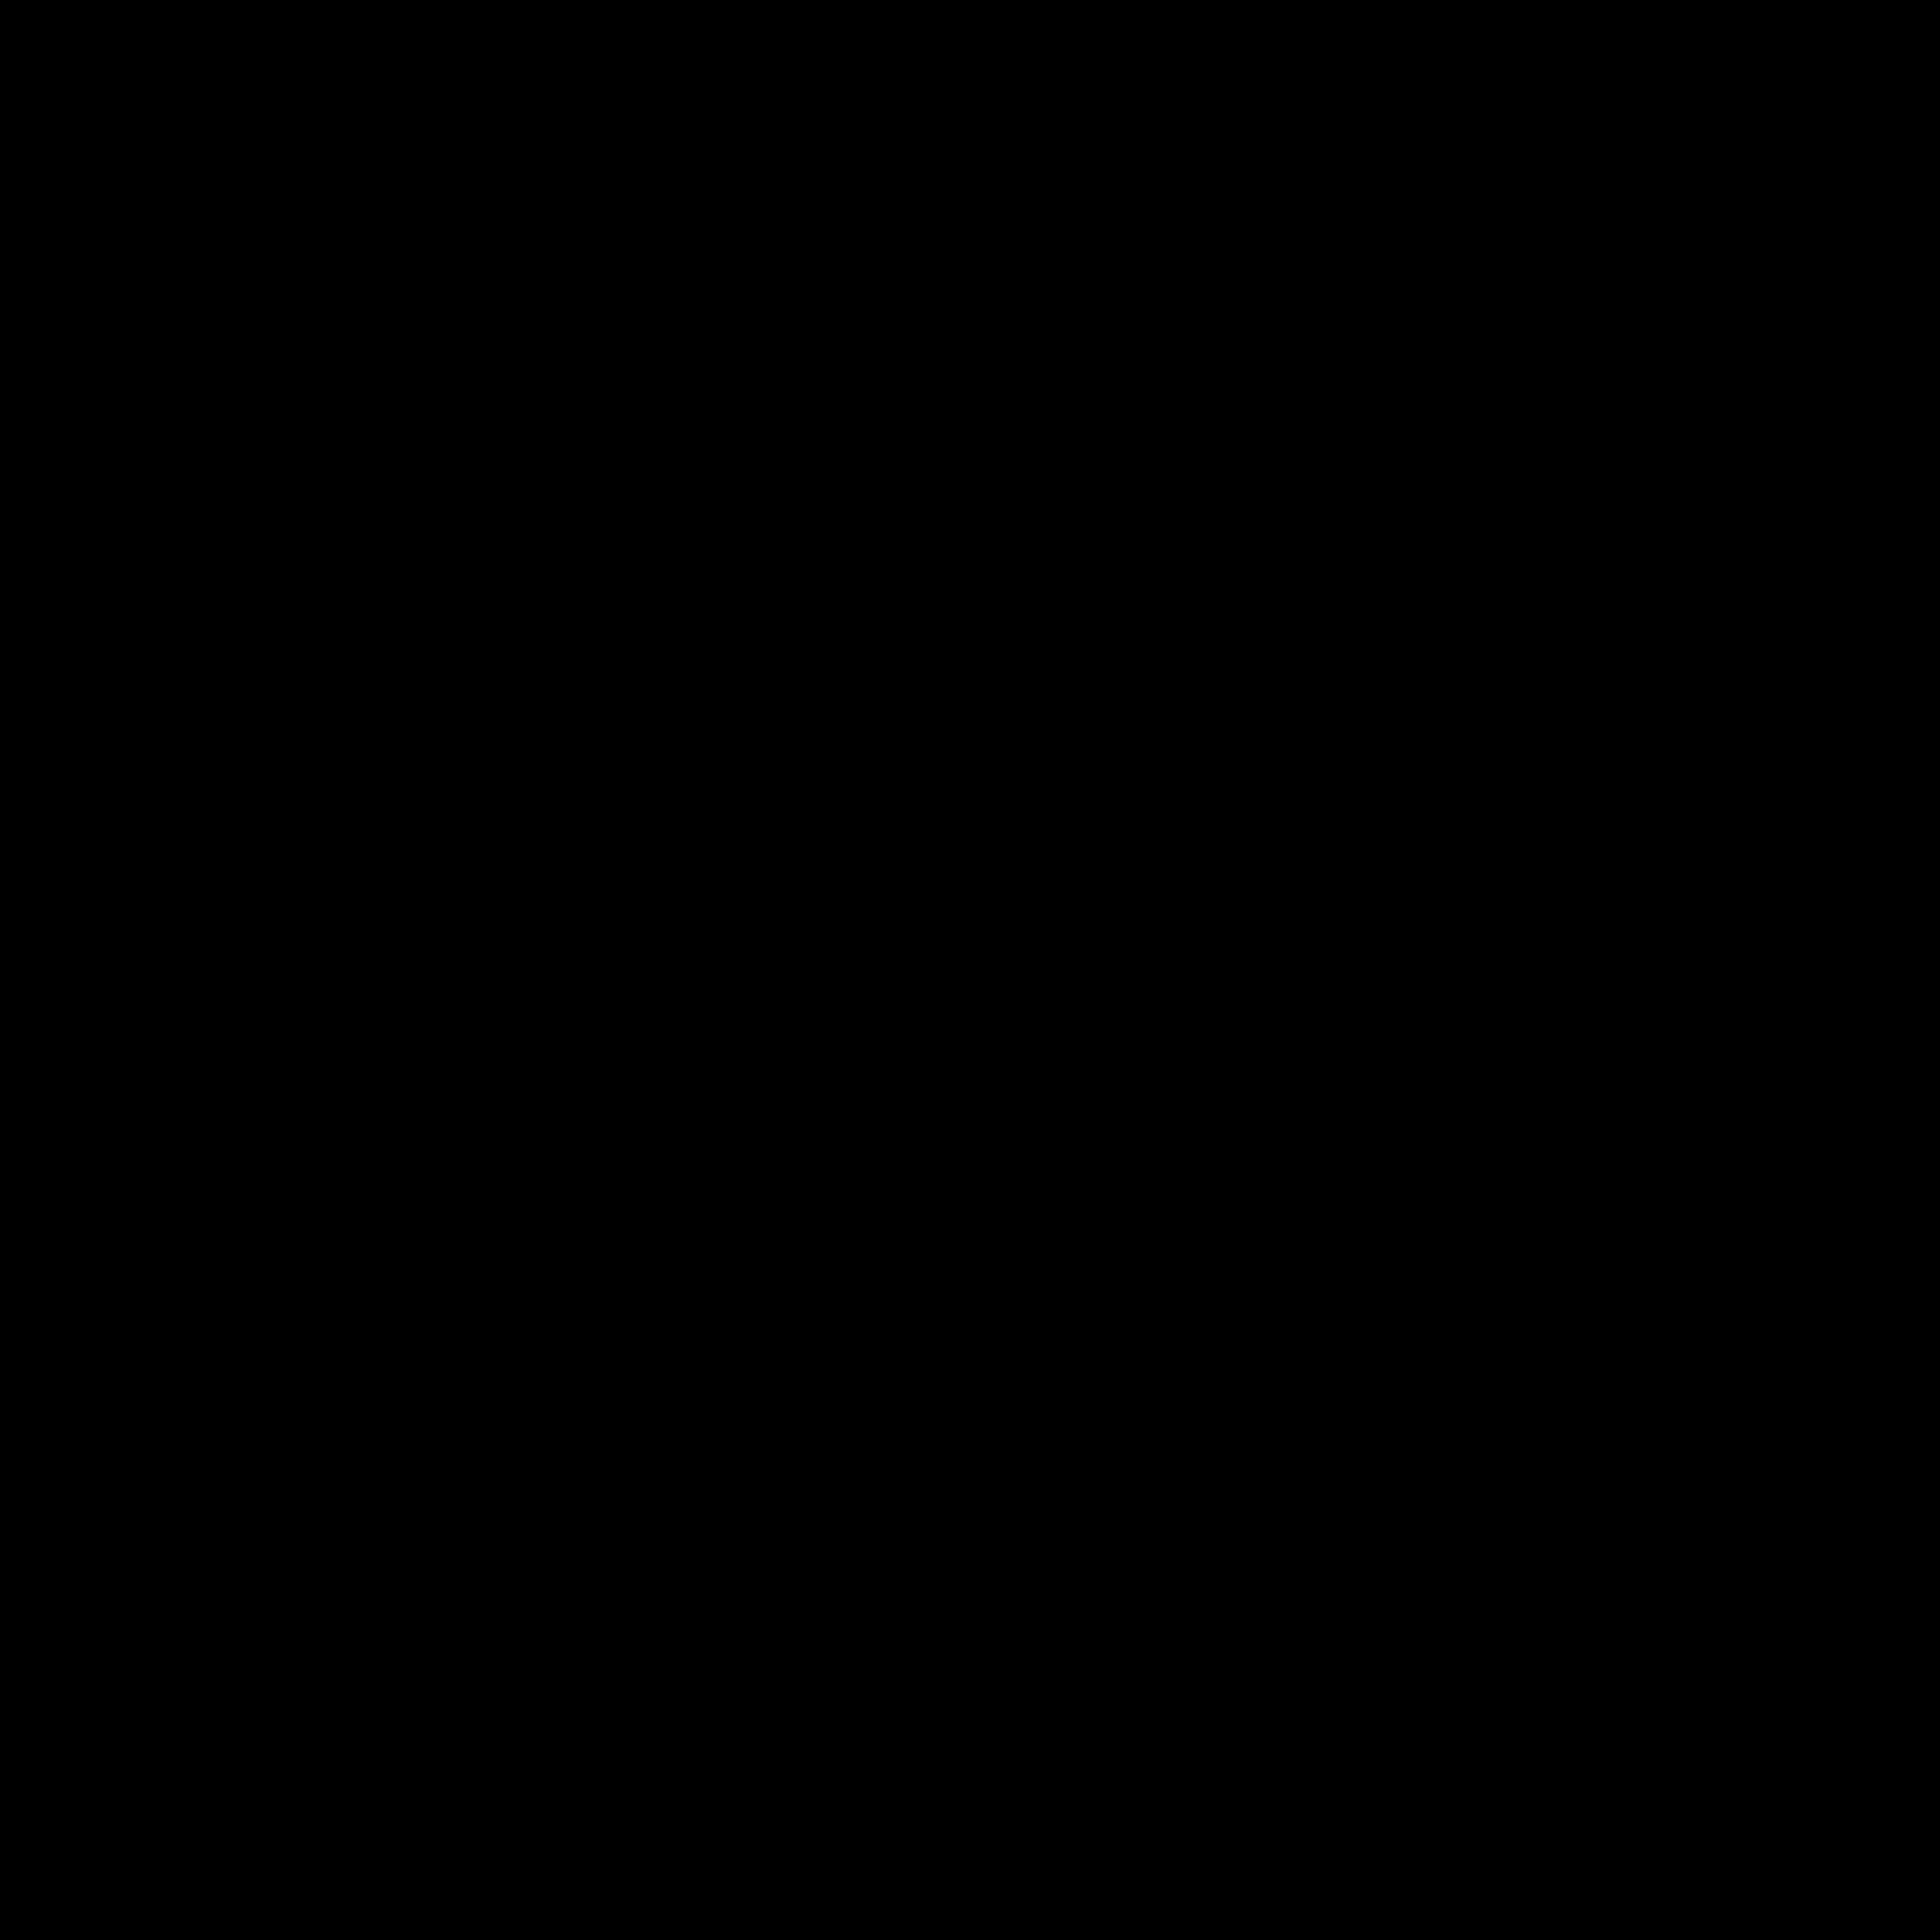 EP.3 一起來聊:青澀時期的愛戀故事-同志篇完結<feat.林廷>